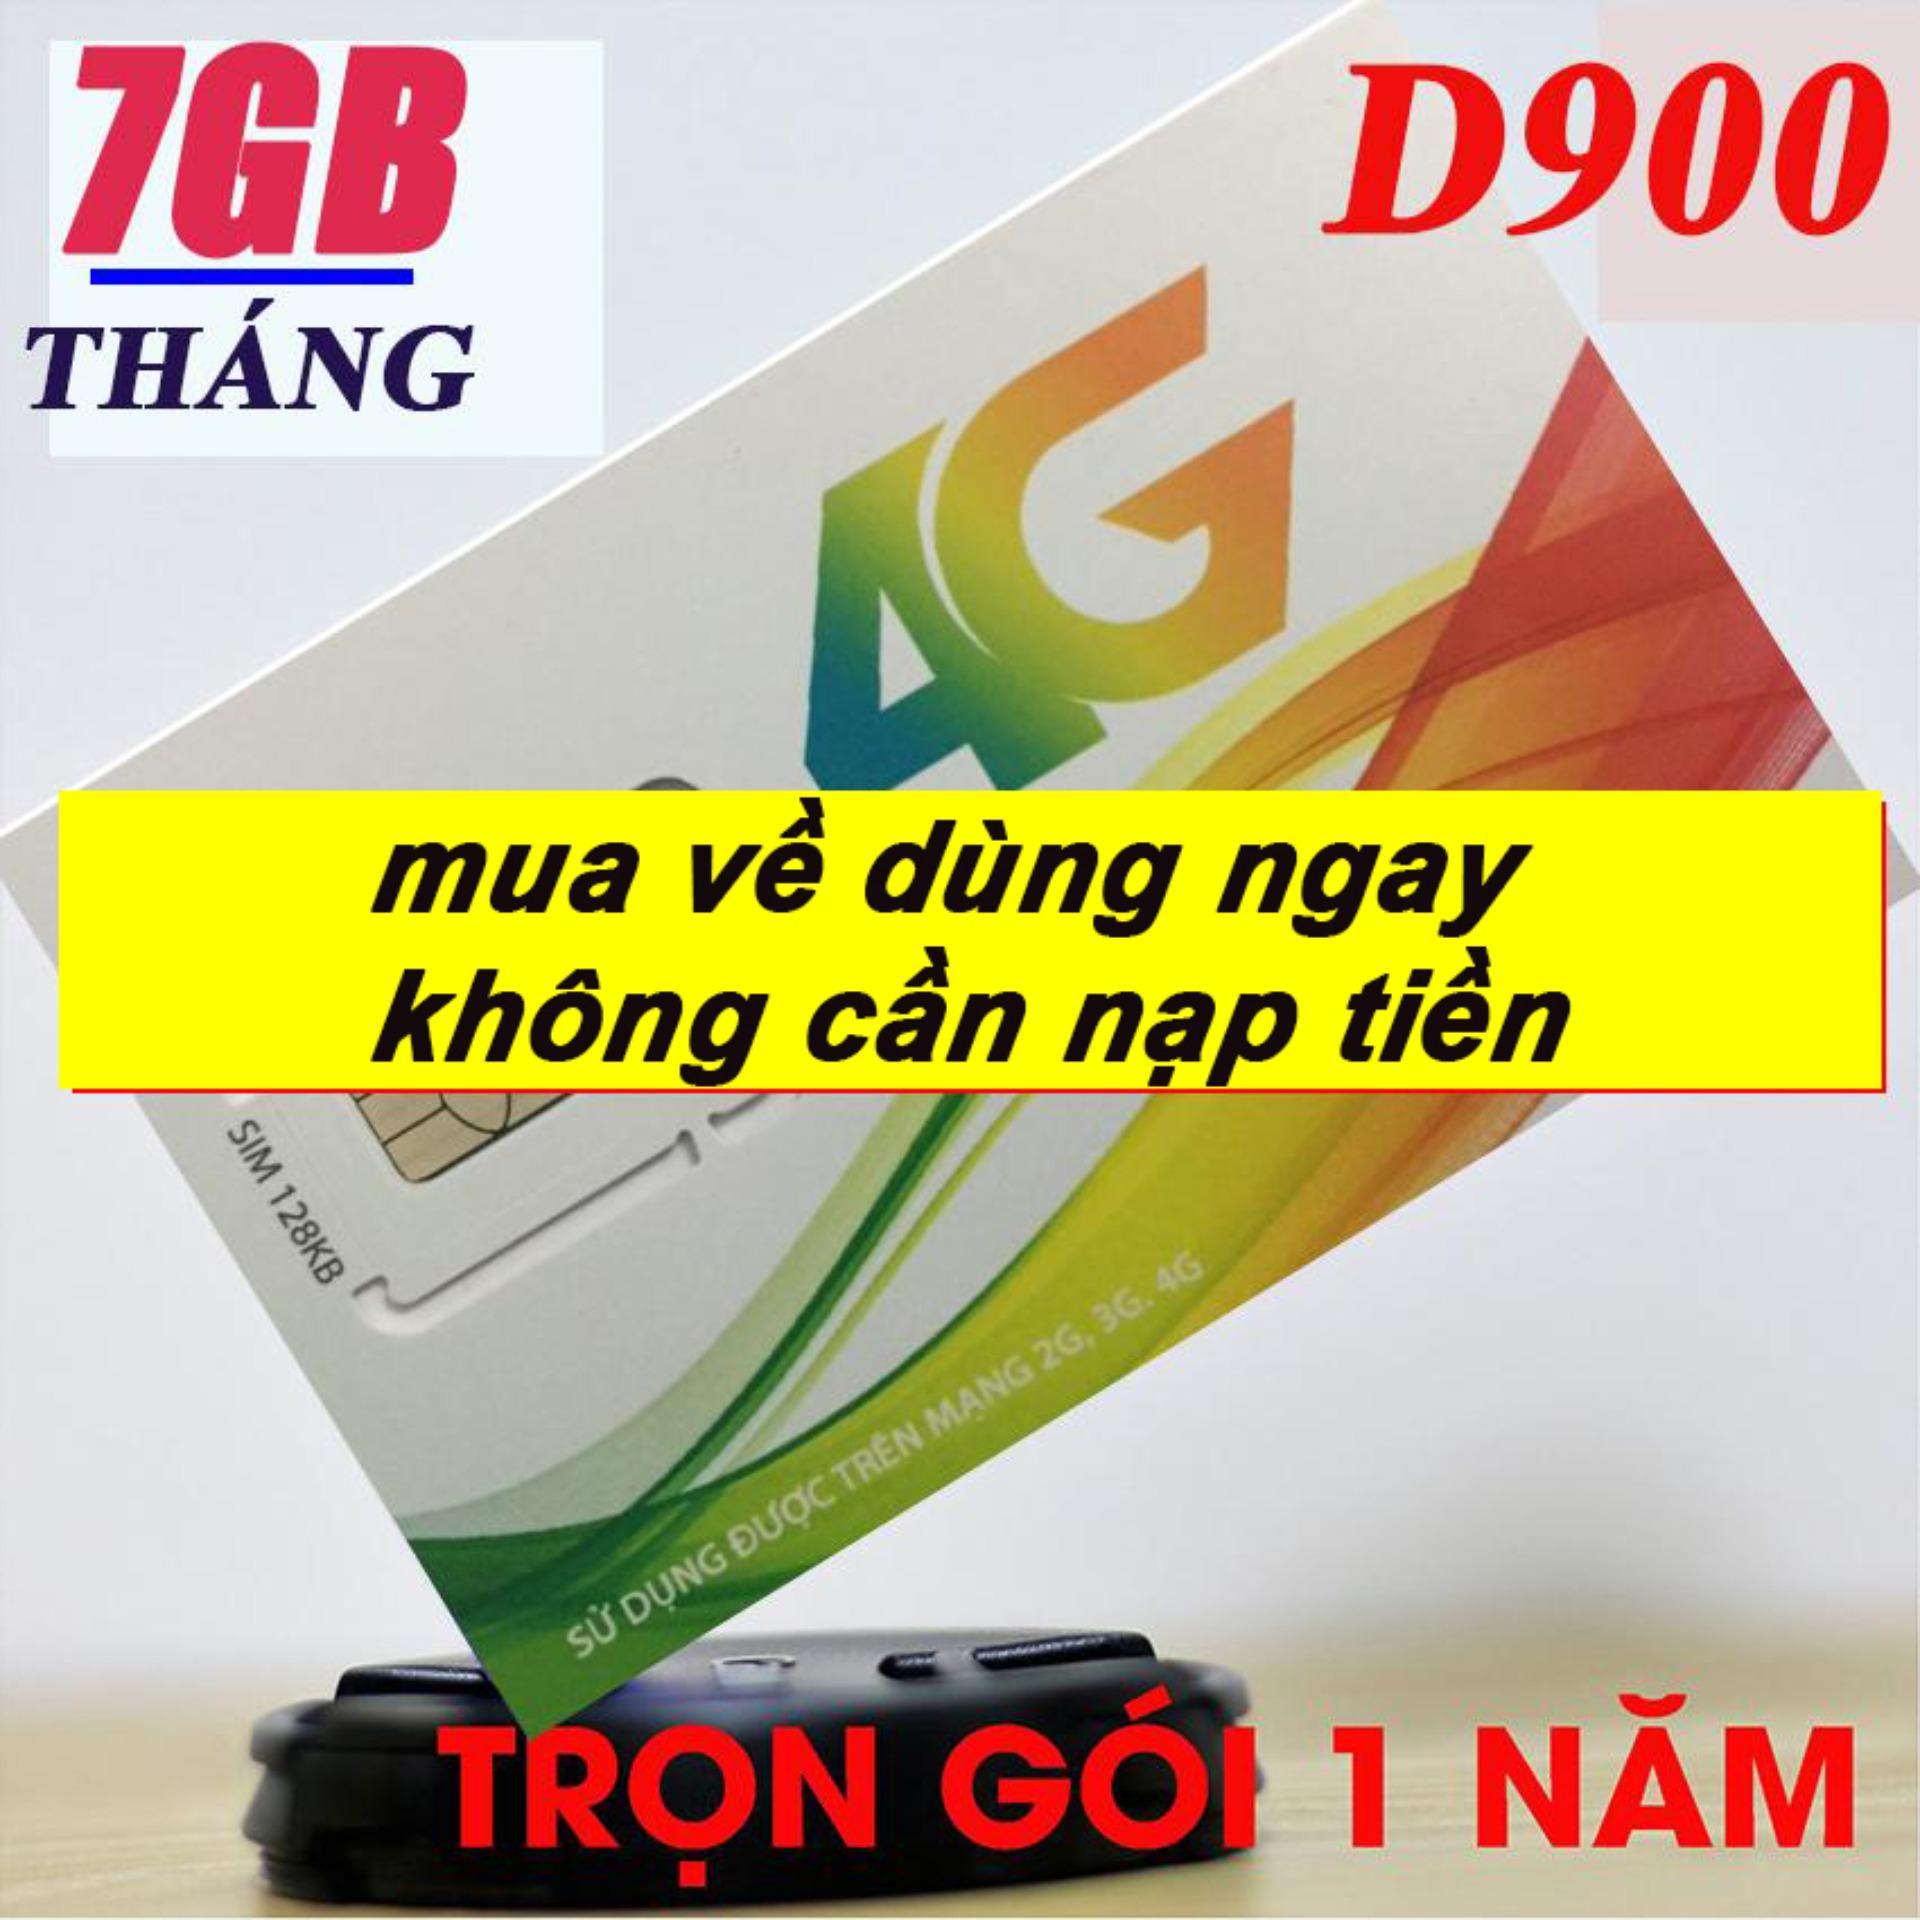 Sim 4G Viettel miễn phí 12 tháng sử dụng D900  (7GB/THÁNG) - không mất tiền gia hạn.Mua về dùng ngay.